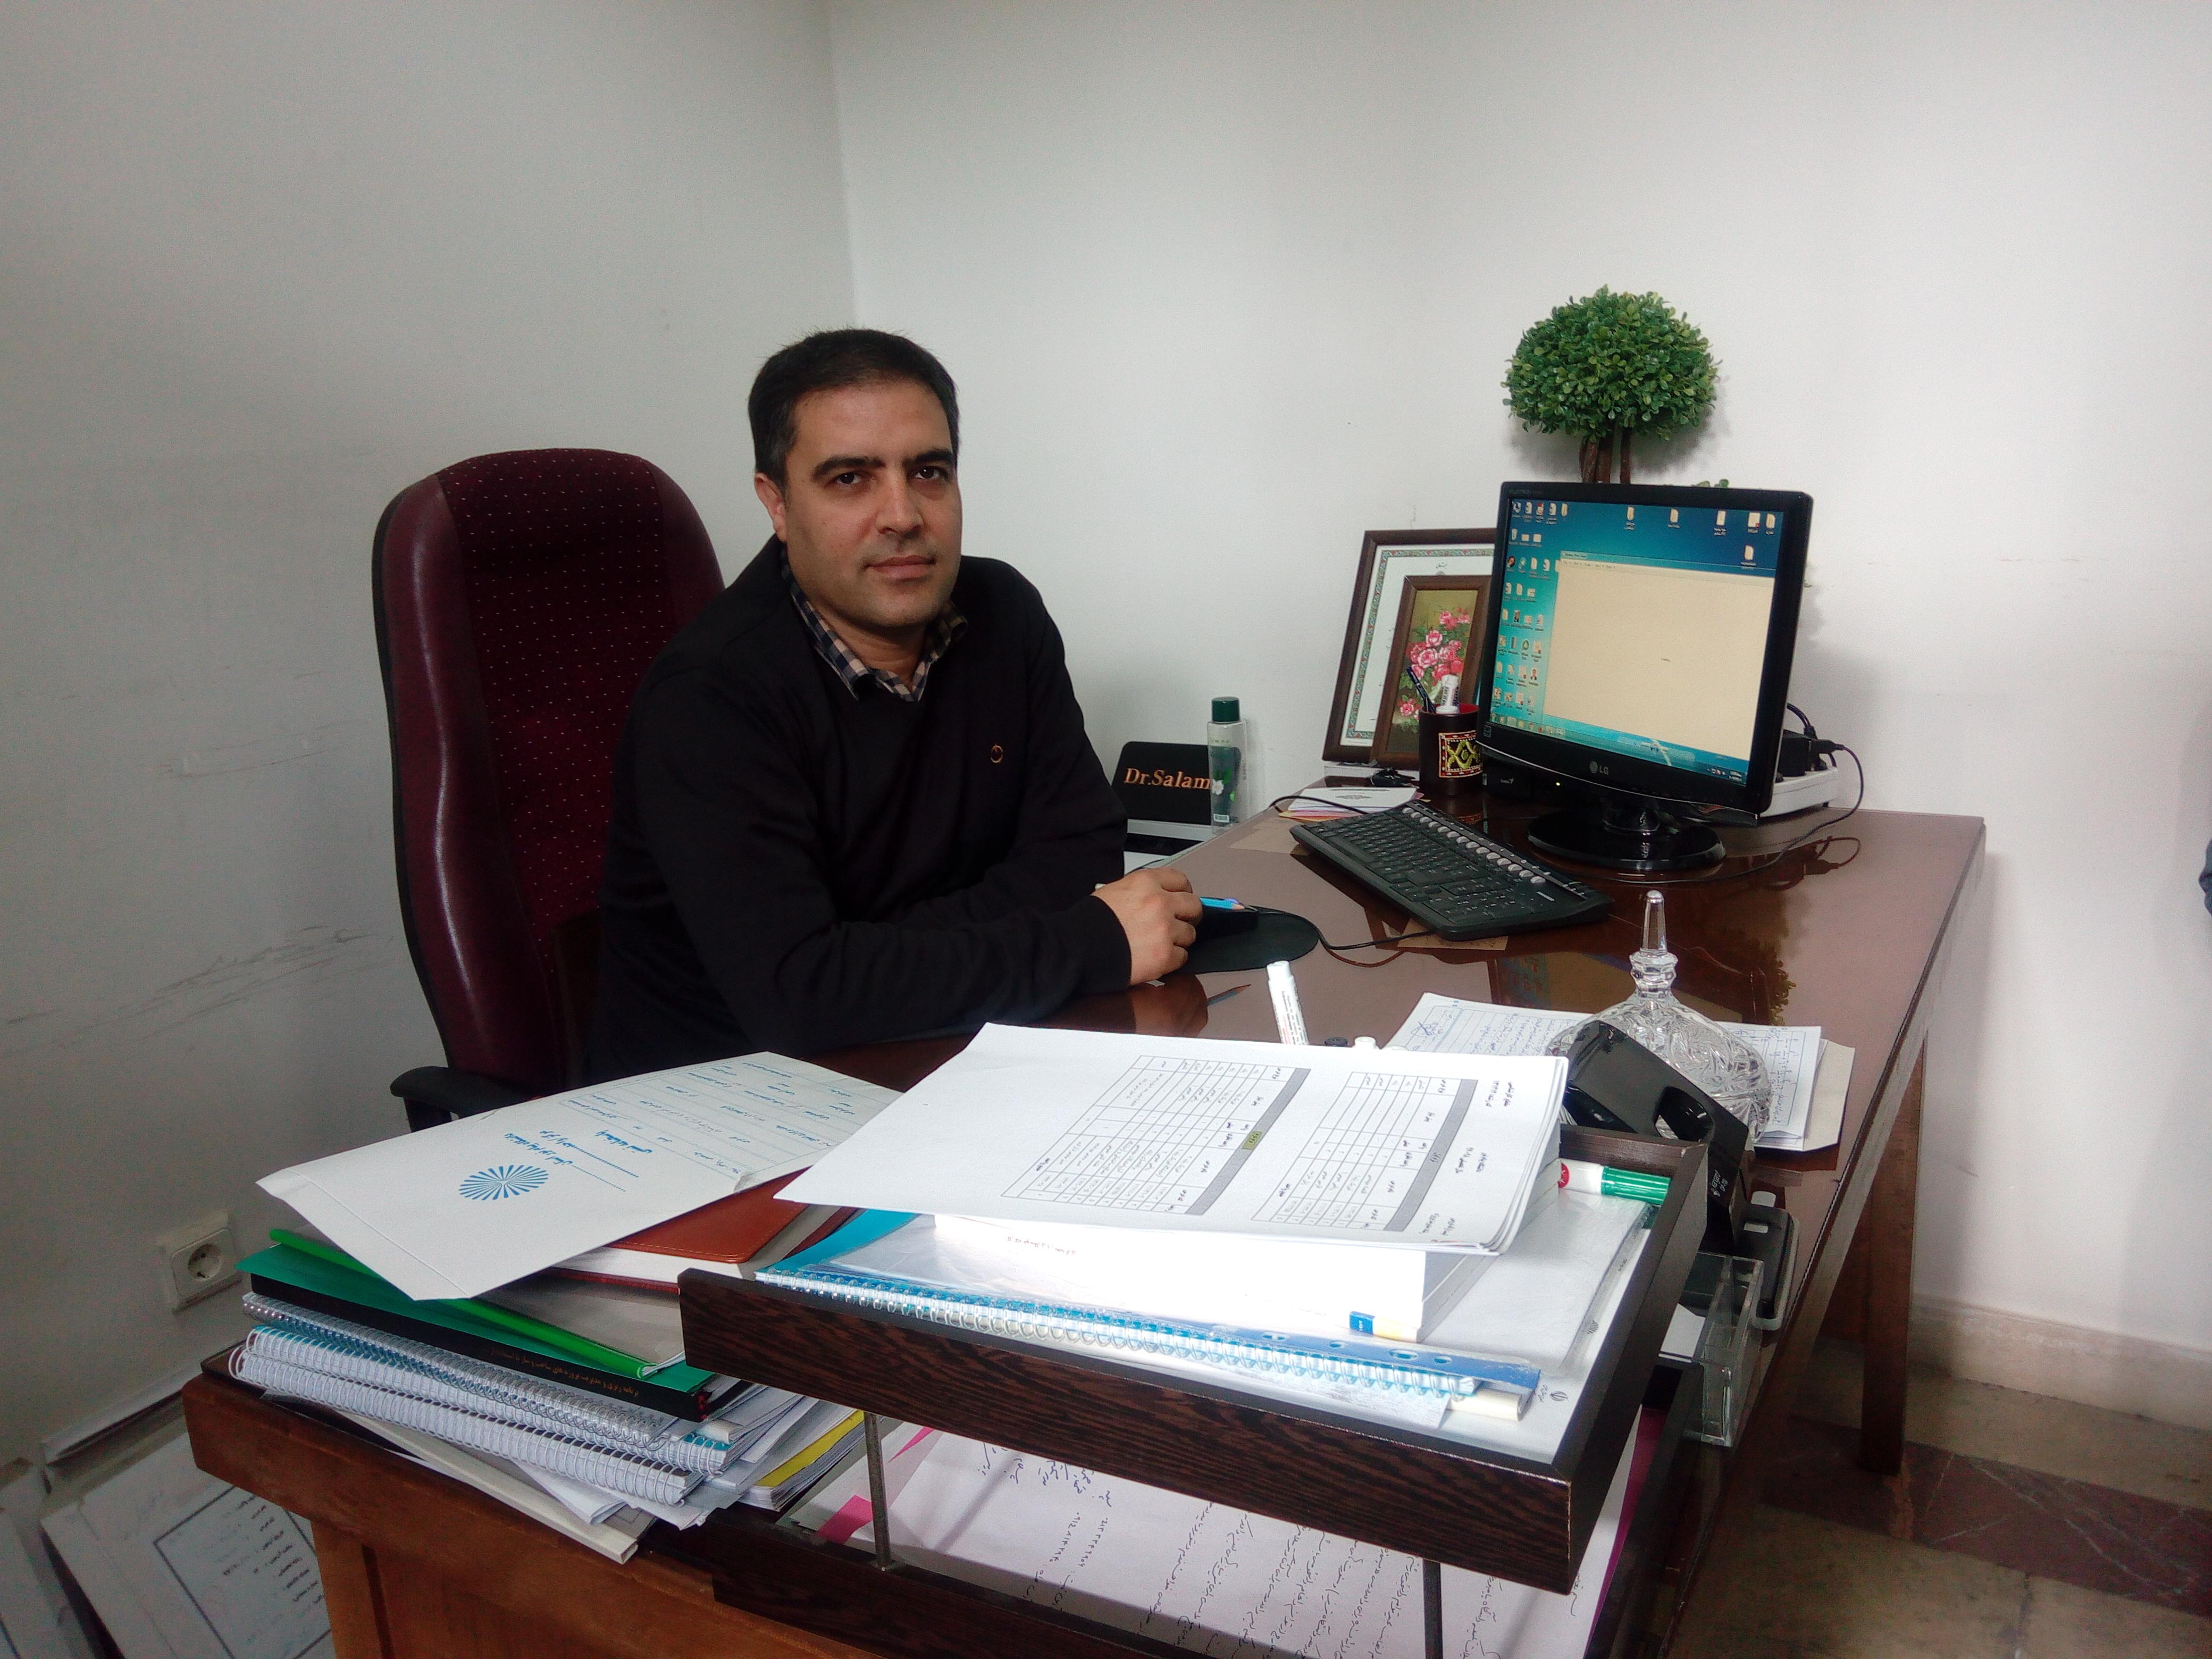 مصاحبه دانشجویی با دکتر سلامی مدیرگروه رشته مهندسی راه آهن دانشگاه پیام نور تبریز